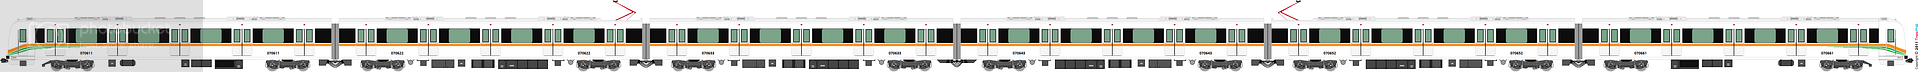 [5277] 上海申通地鐵 2277